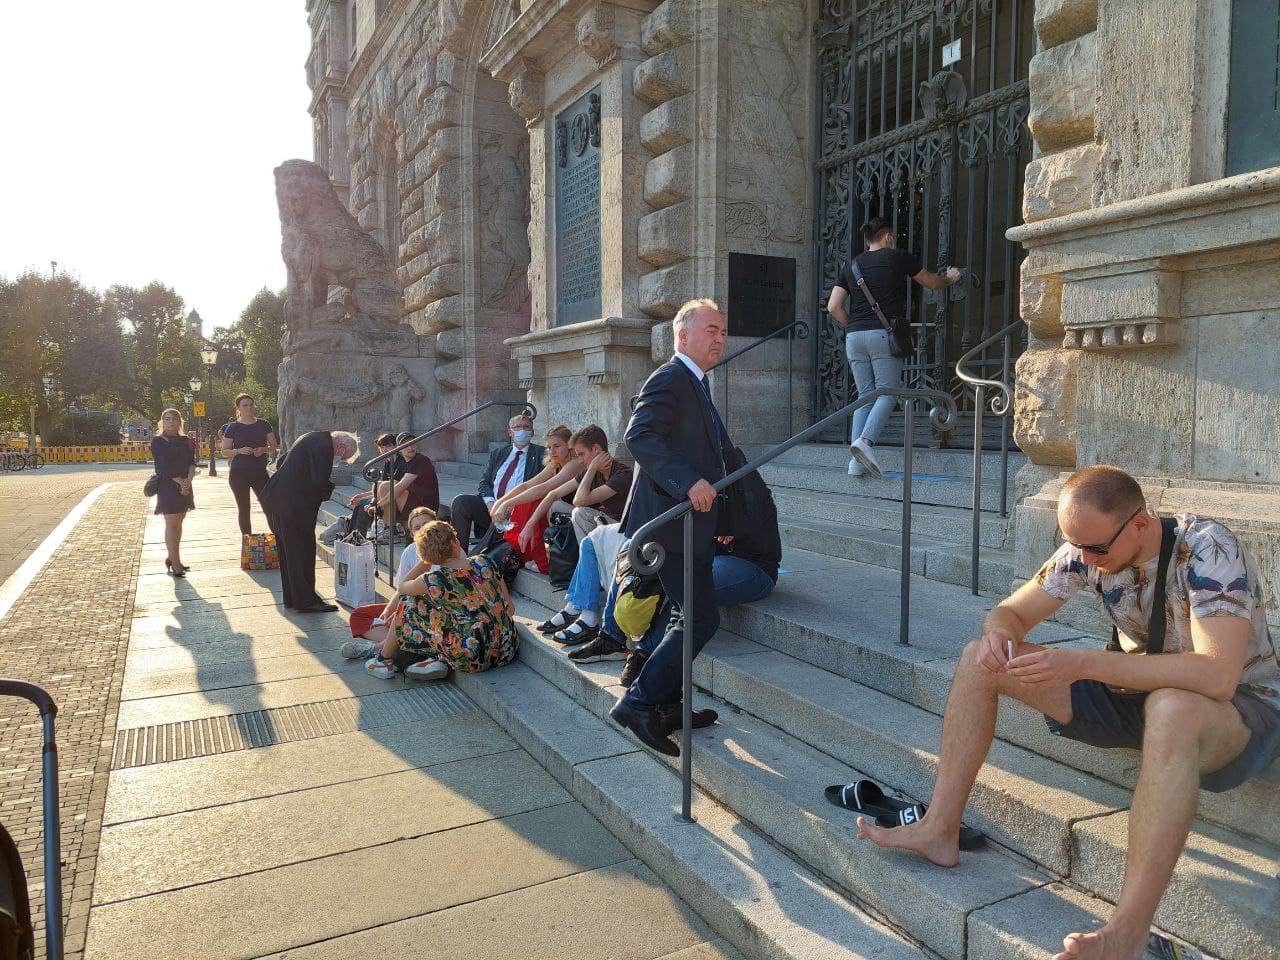 L-IZ - ne lieber nicht. Christoph Neumann (AfD) versucht ins Rathaus zu kommen. Einlass ist aber erst 17:30 Uhr. Foto: LZ